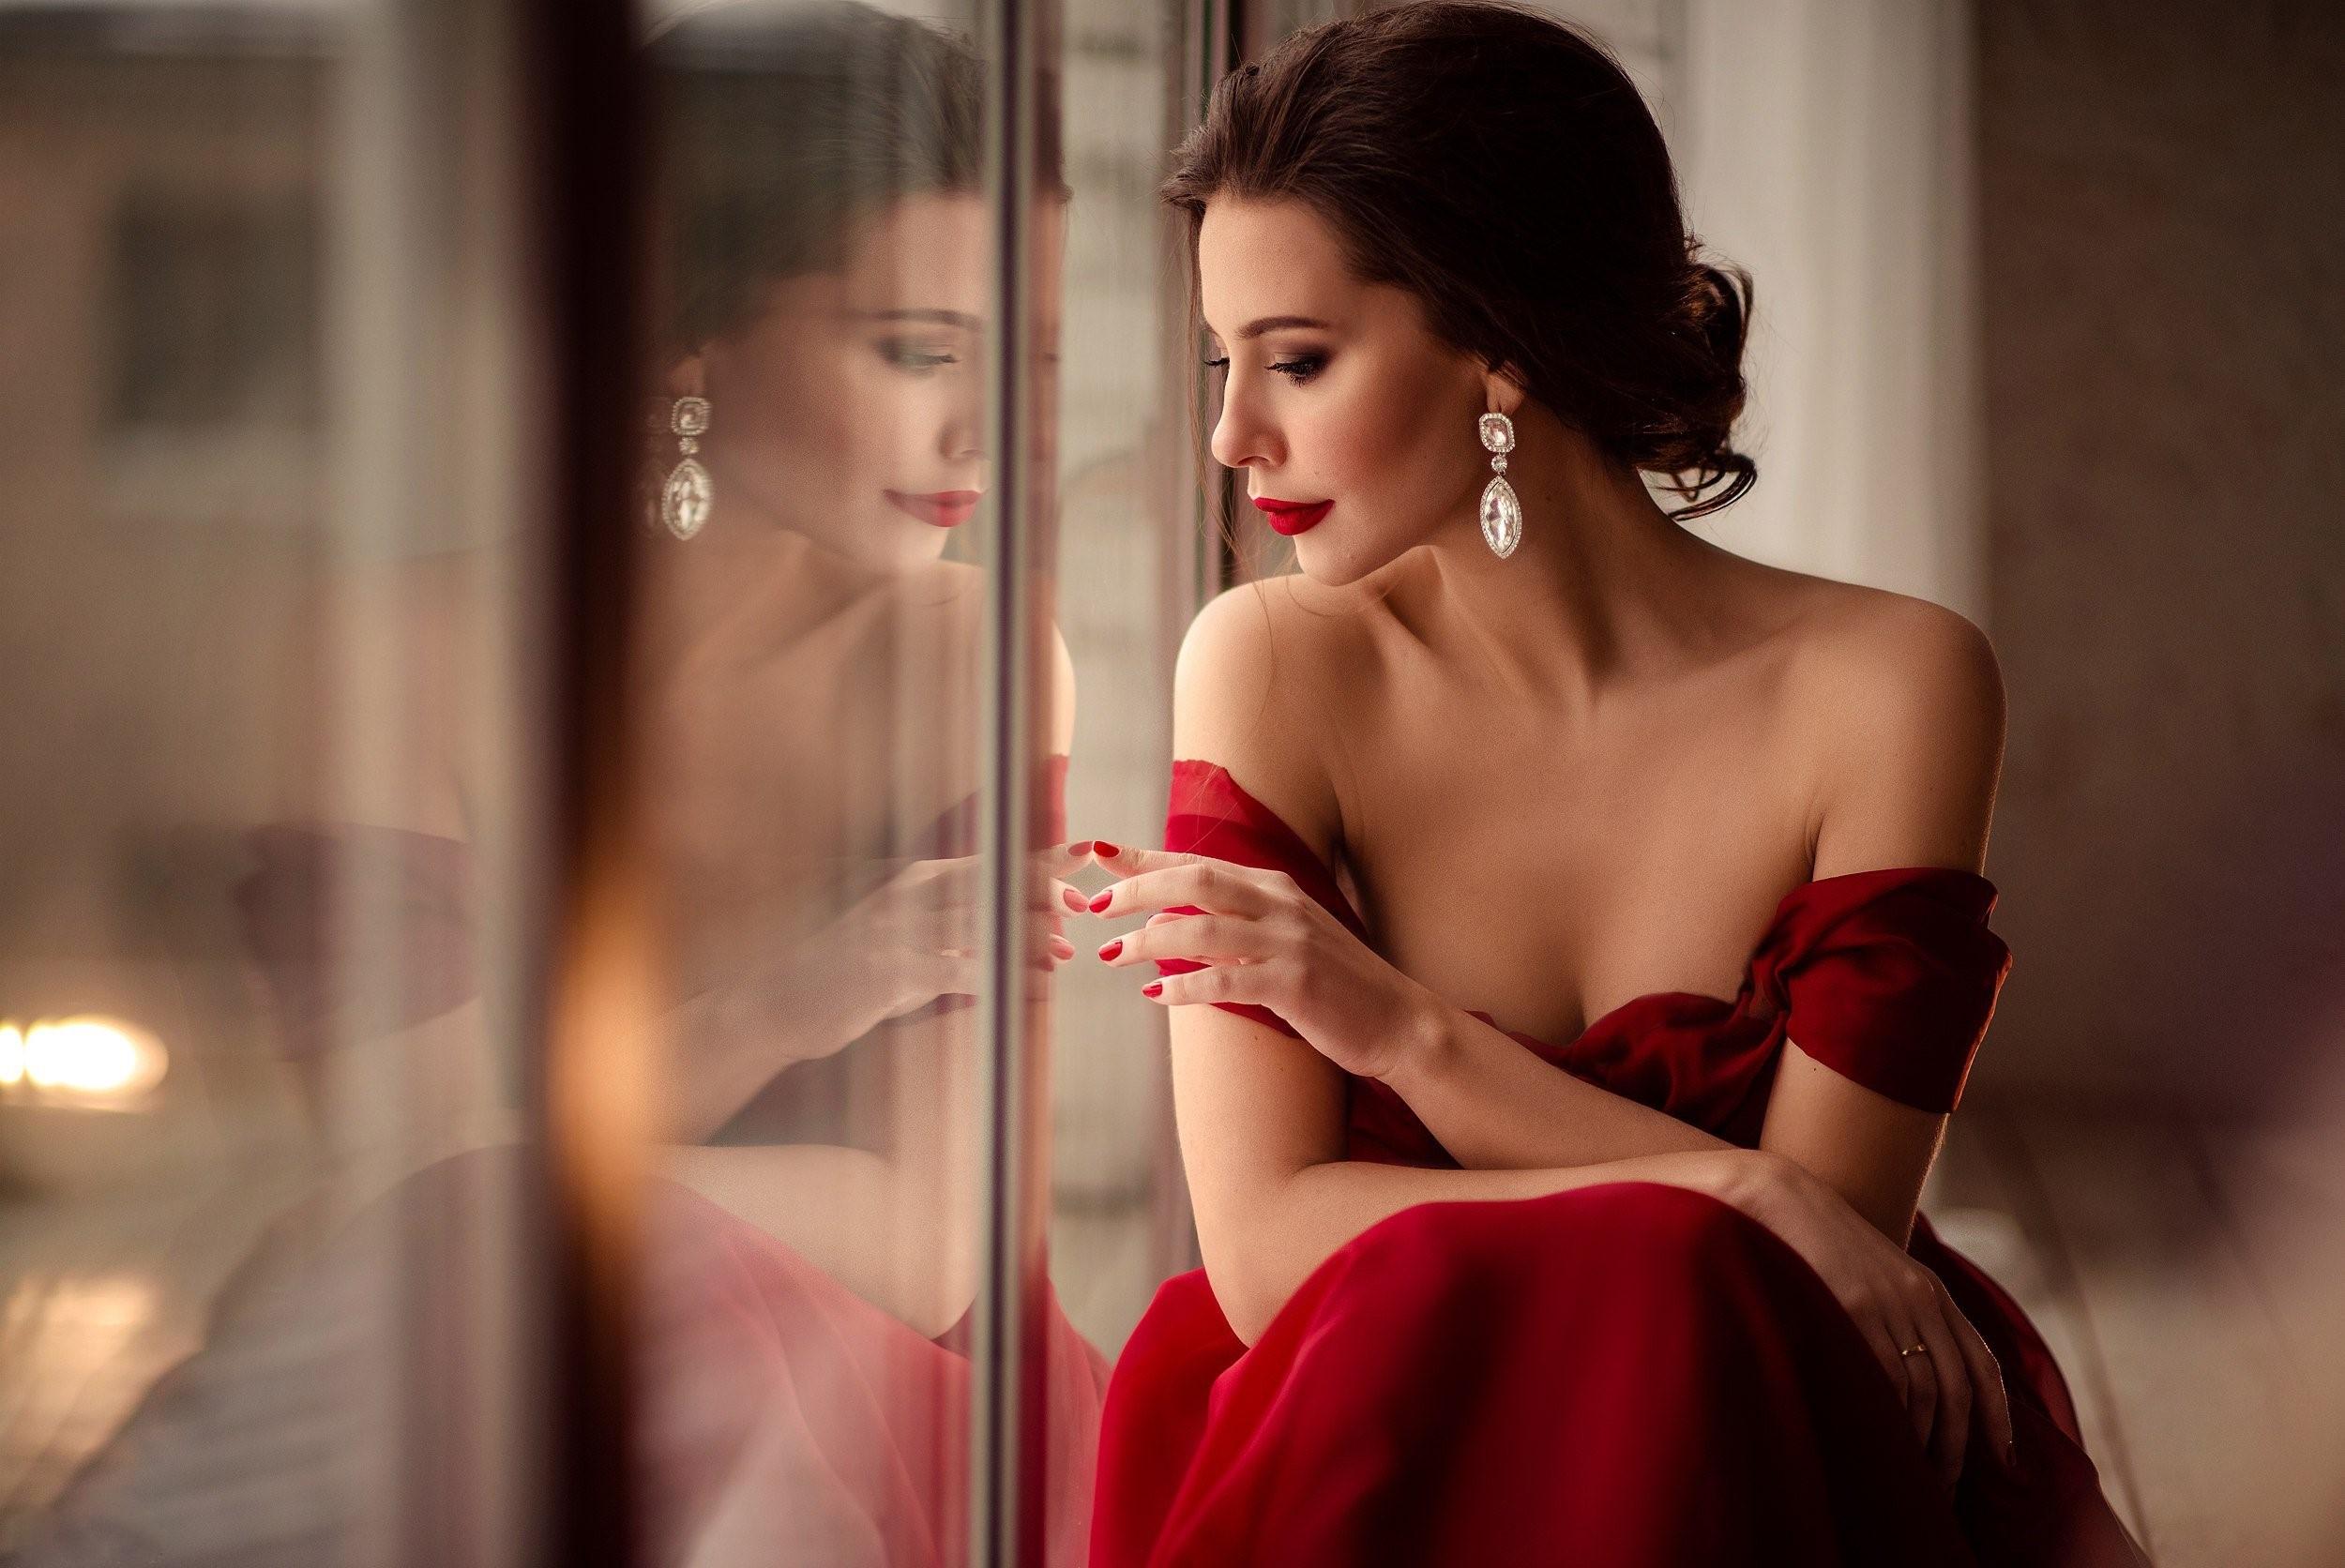 Фото Девушка в красном платье с оголенными плечами сидит у окна, в котром видно ее отражение